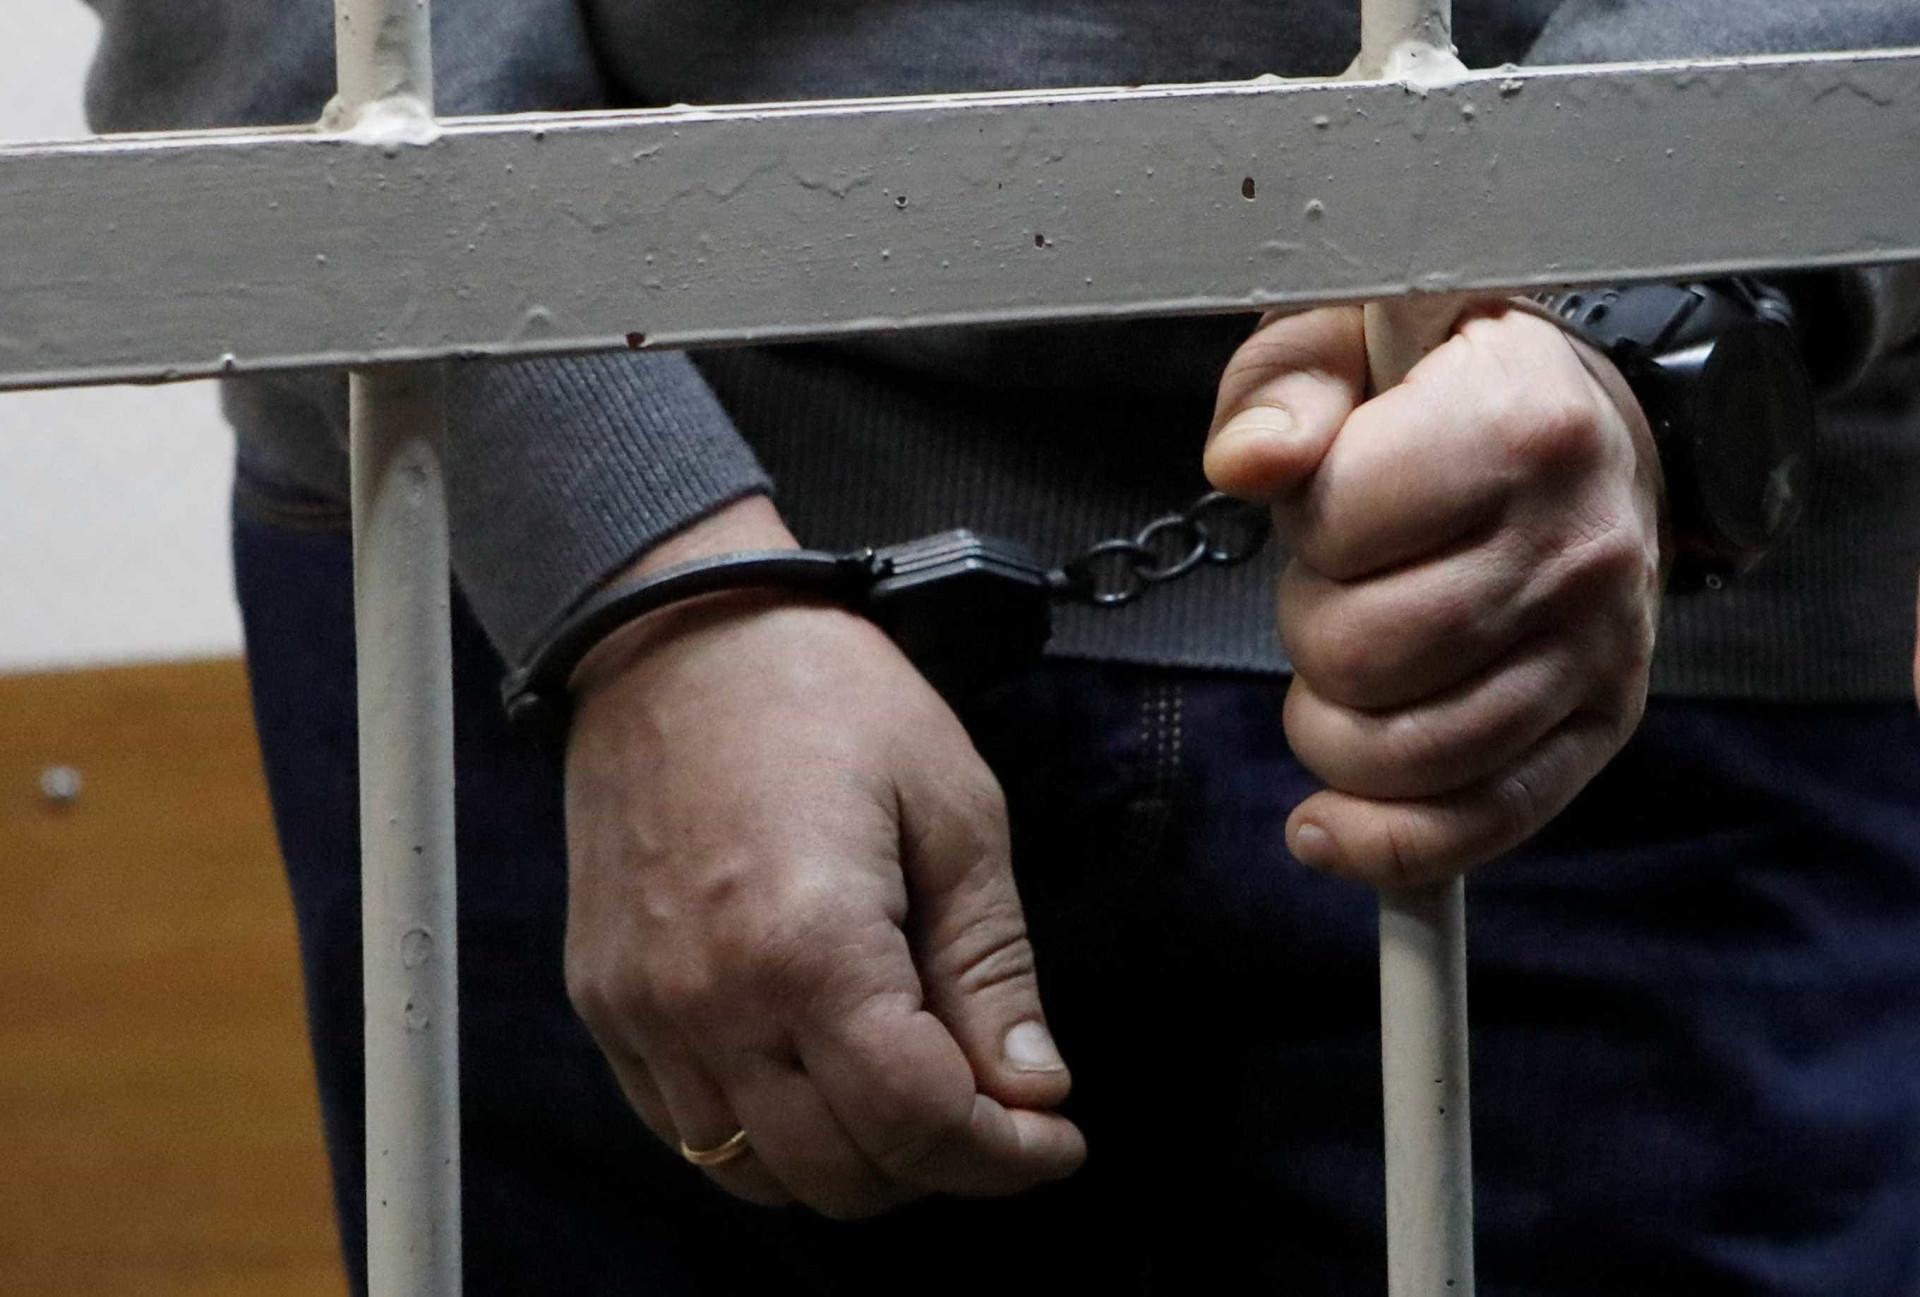 Filho de ex-BBB é preso suspeito de matar jovem em festa no DF